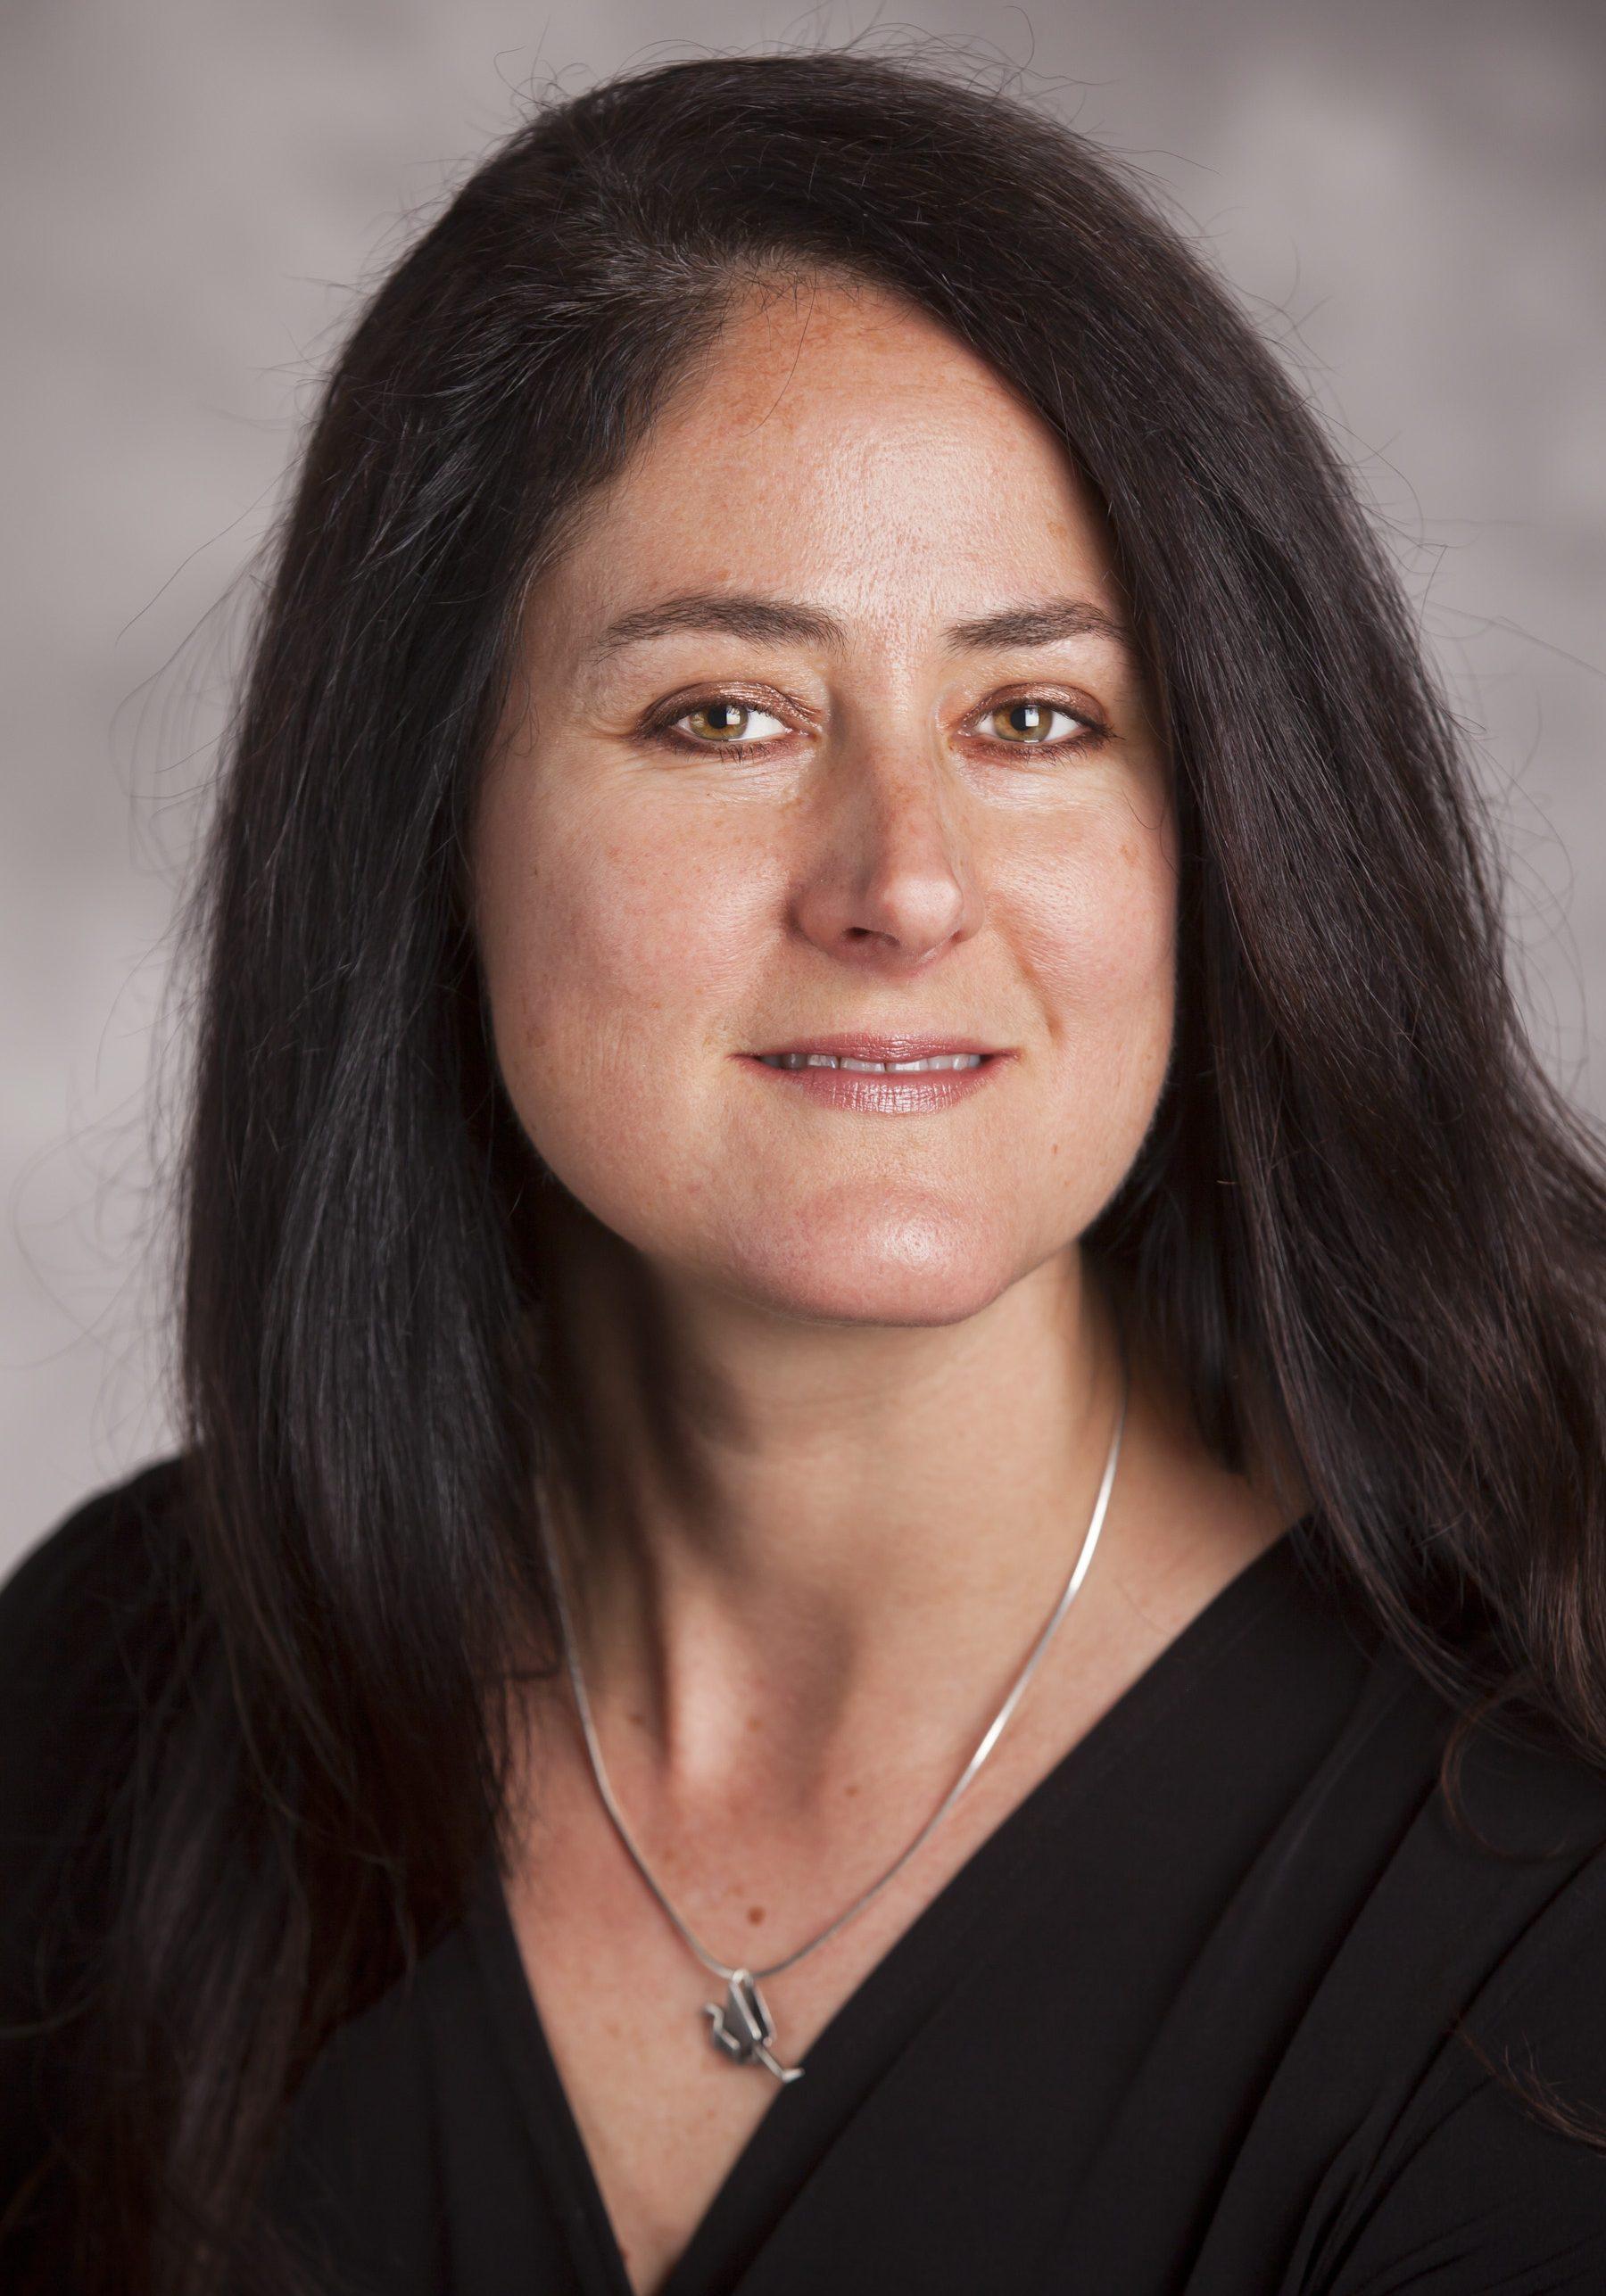 Elizabeth Corrie